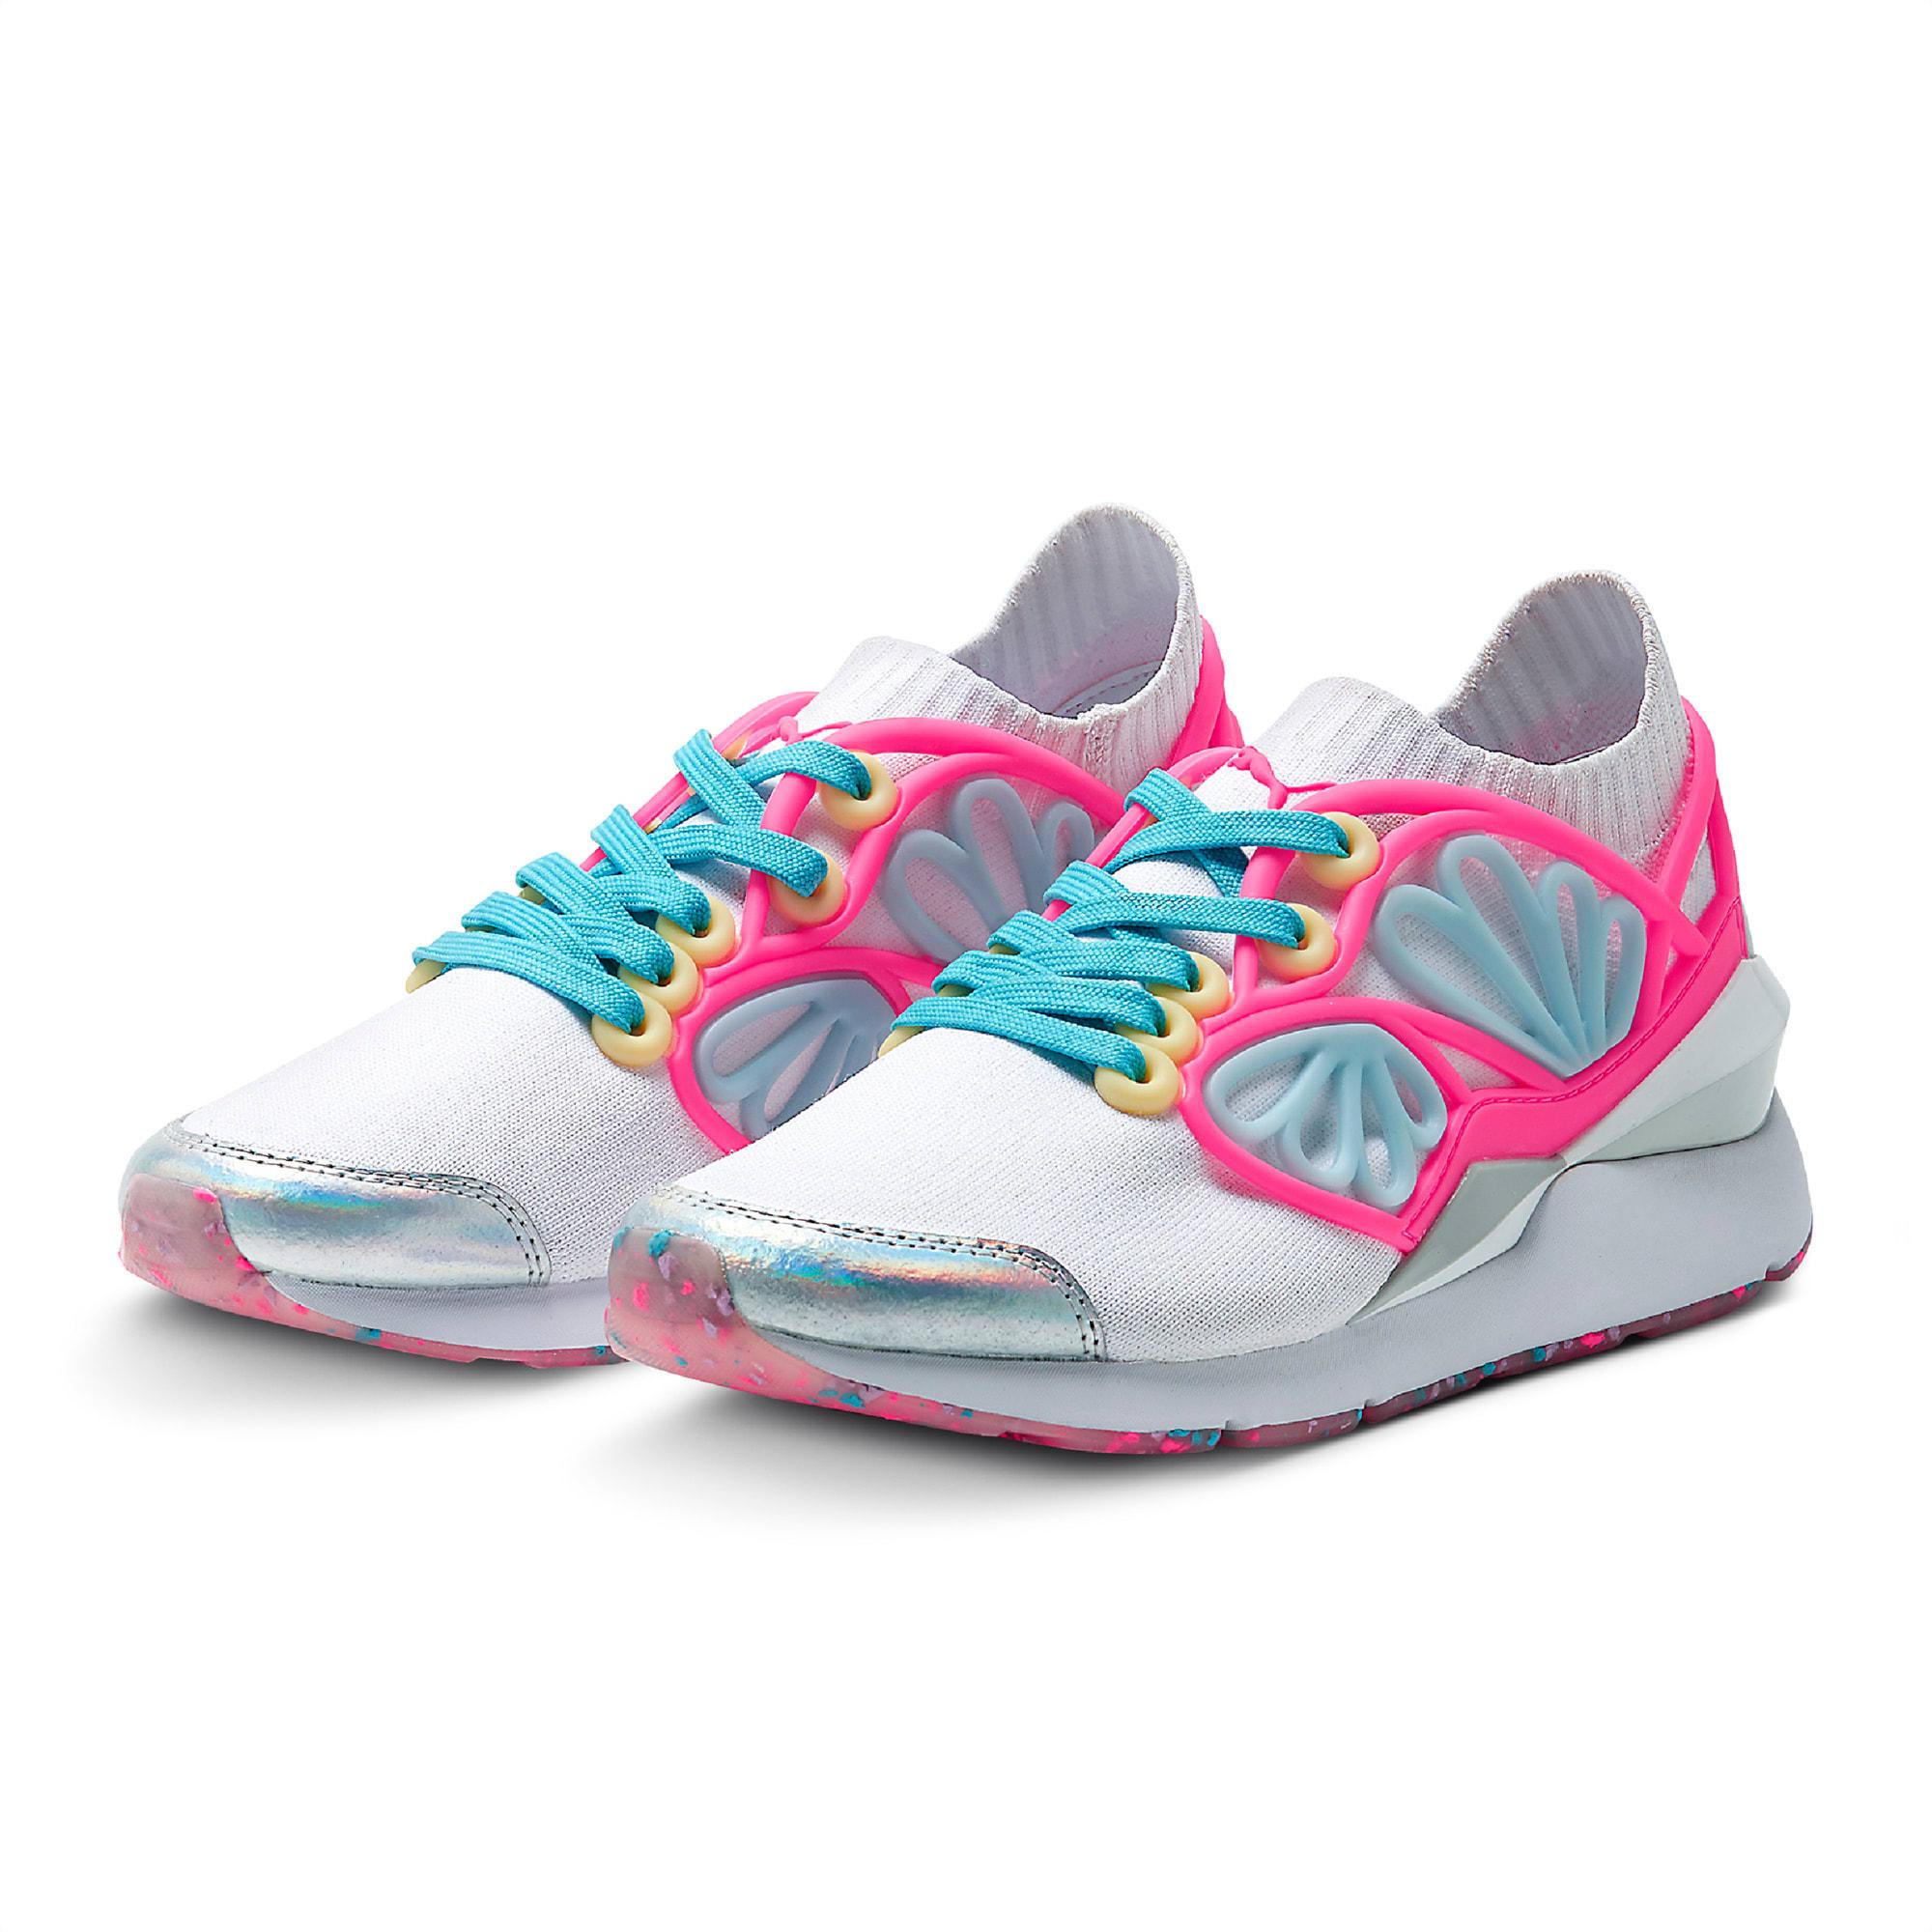 PUMA x SOPHIA WEBSTER Damen Pearl Cage Sneaker